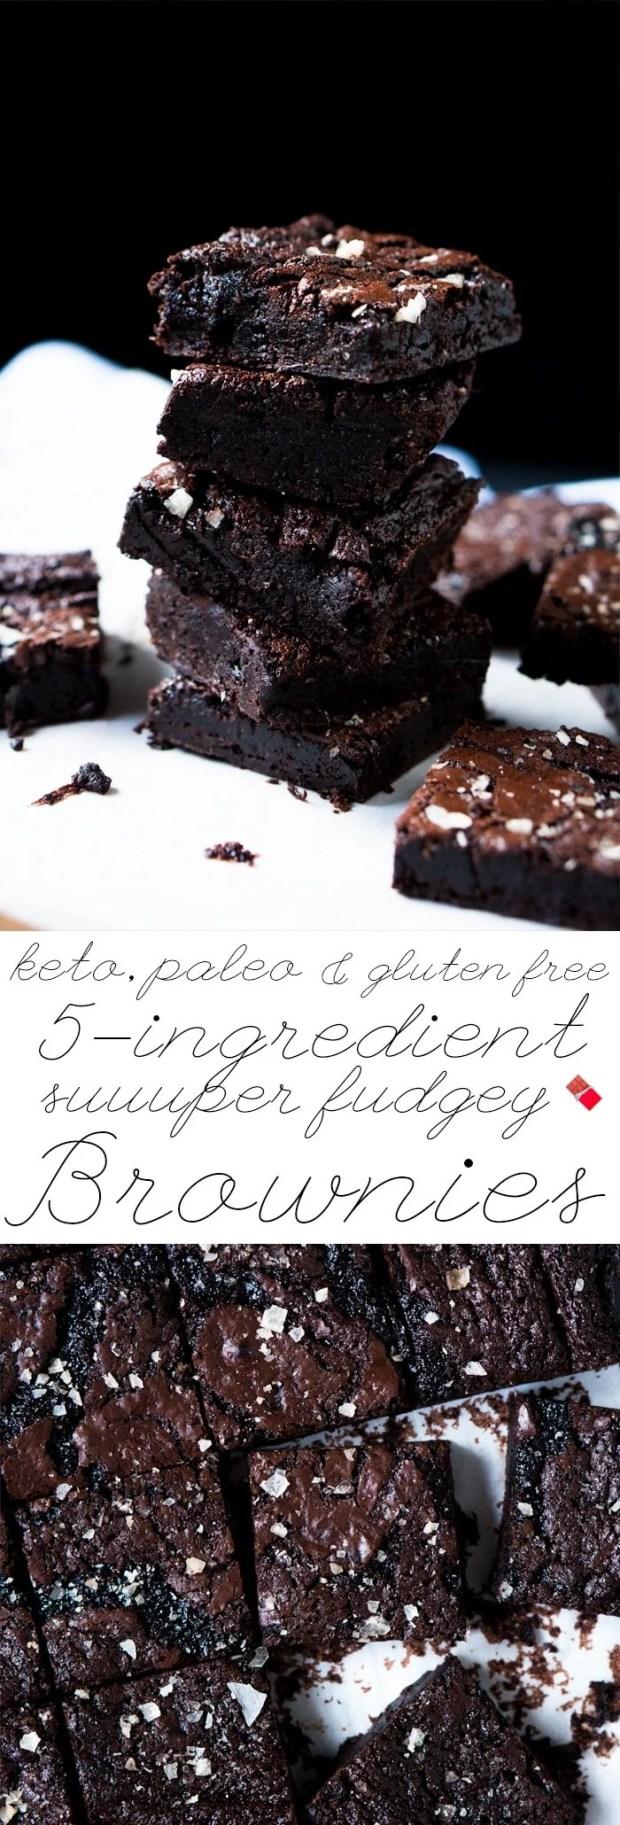 Suuuper Fudgy Gluten Free, Paleo & Keto Brownies 🍫 only 1g net carbs a pop! #ketobrownies #paleobrownies